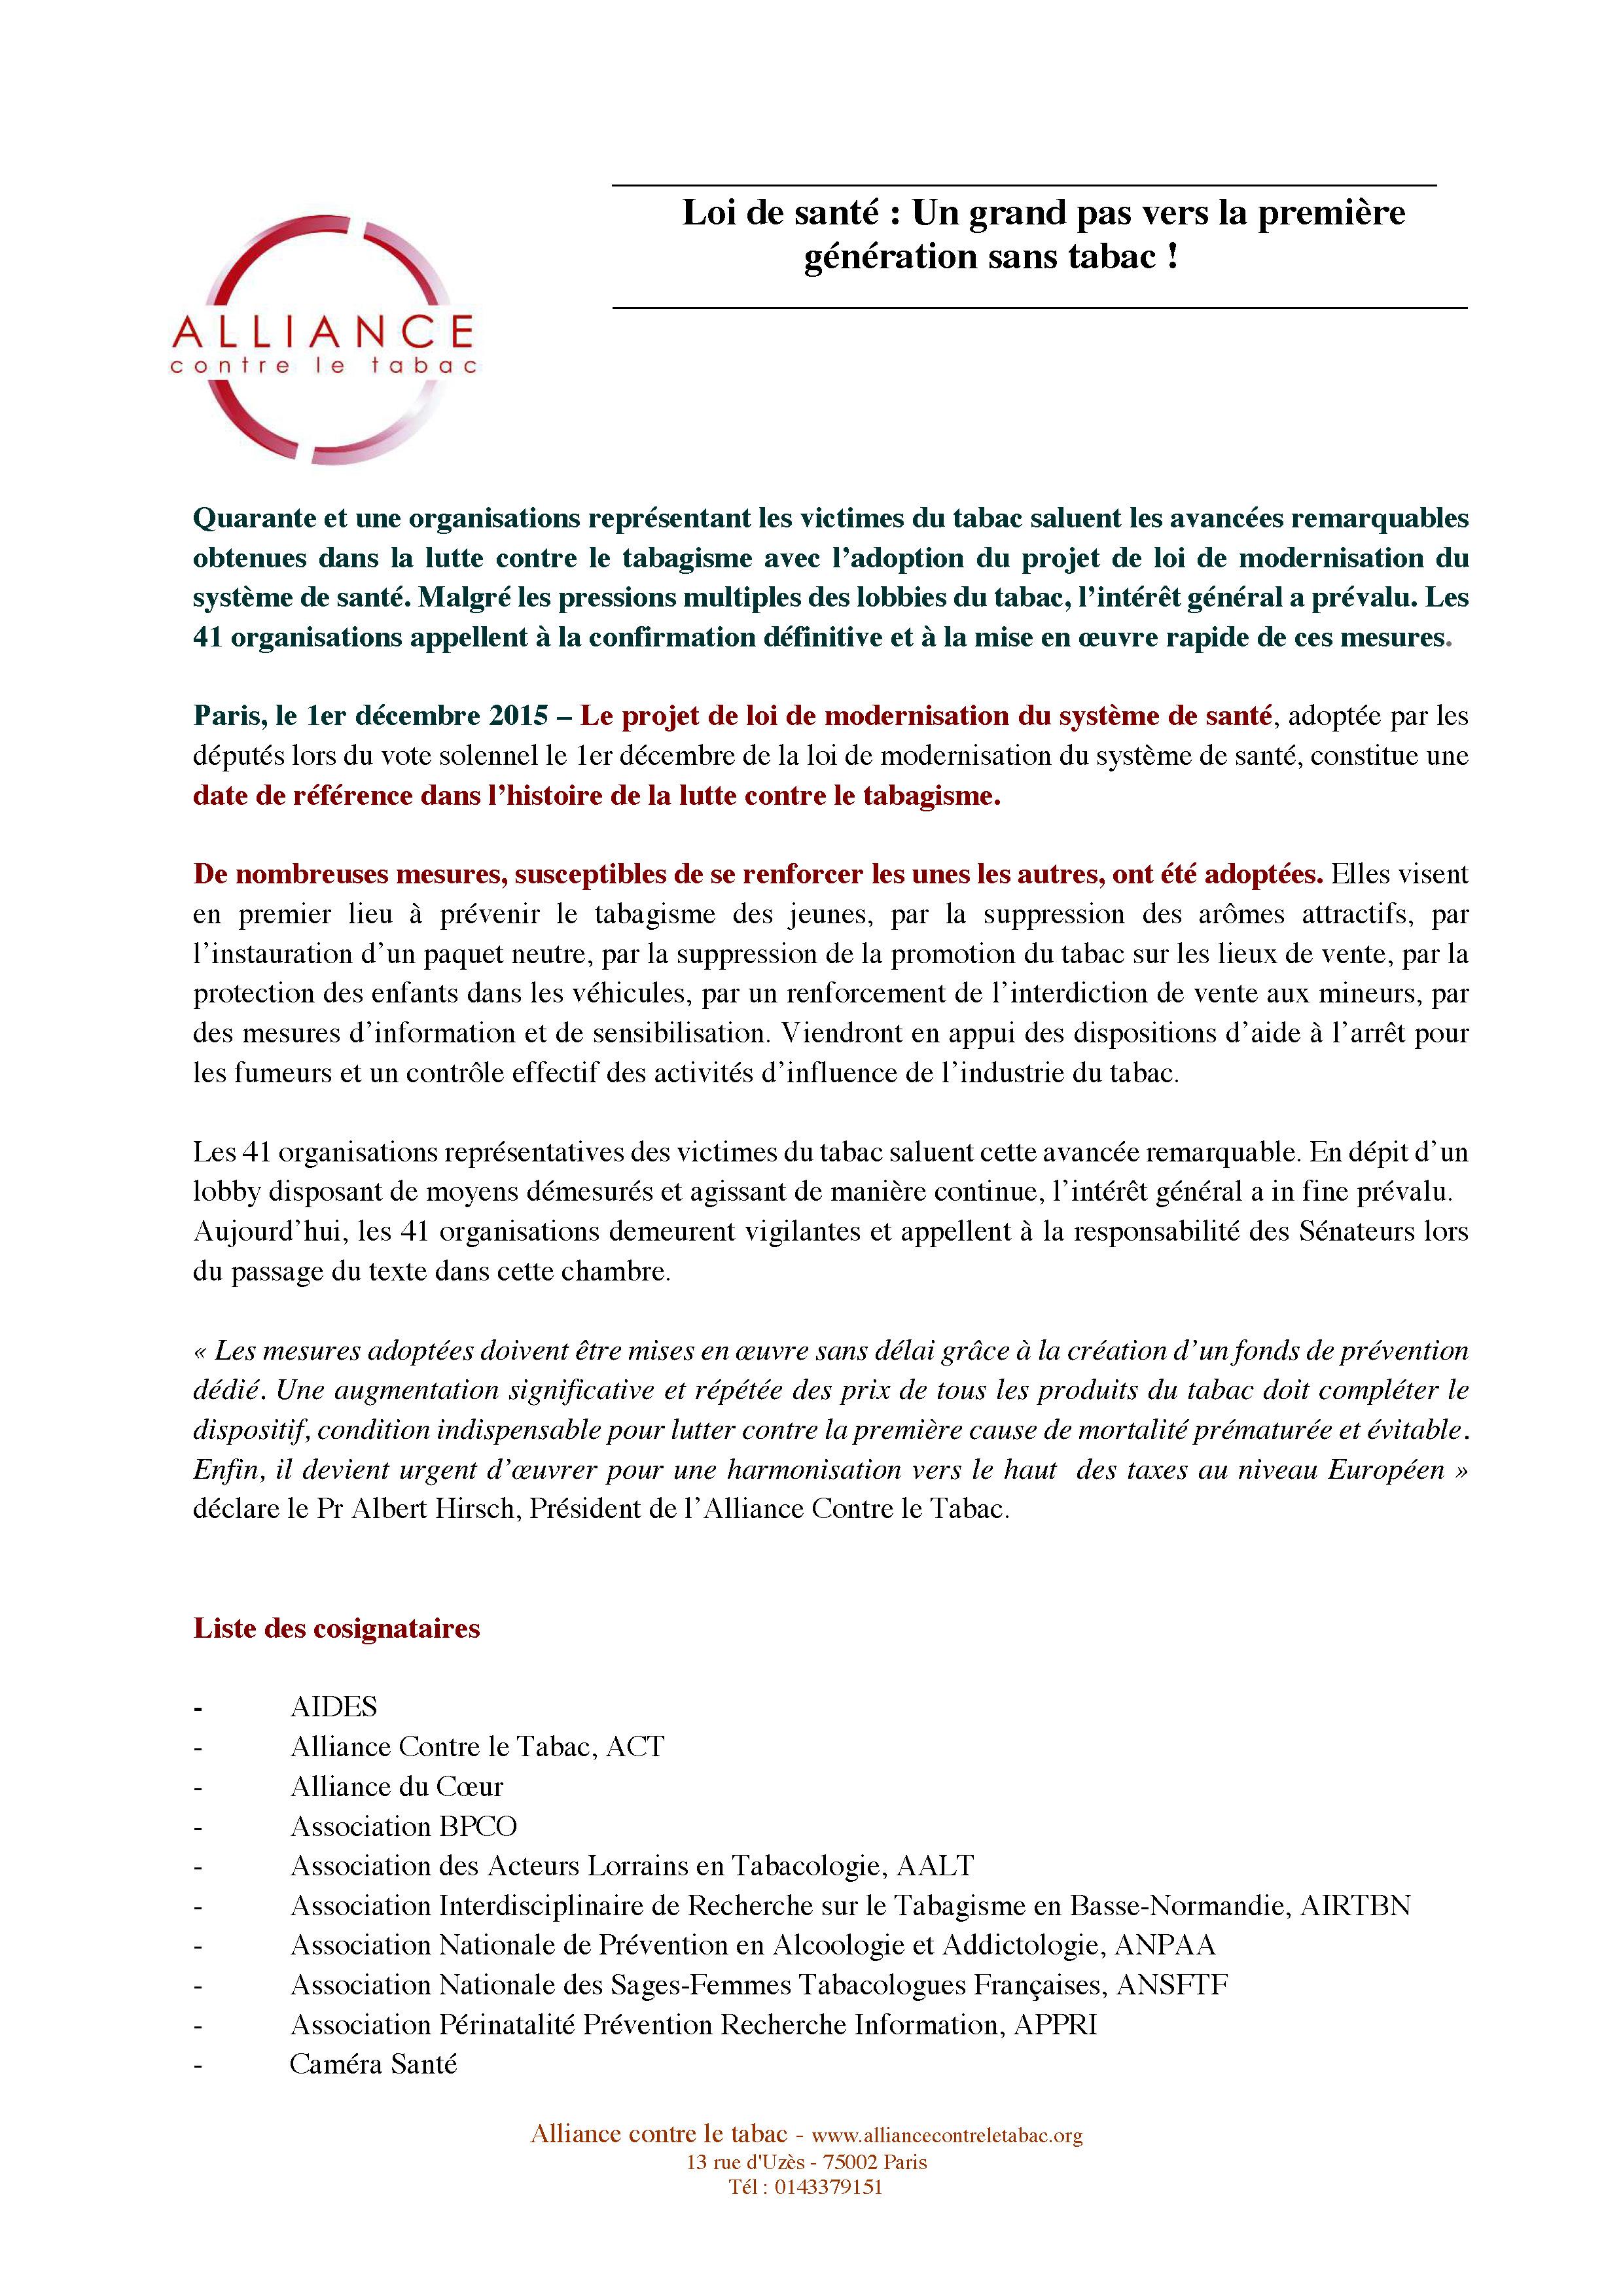 Alliance-CP_loi-de-sante-01dec2015_Page_1.jpg